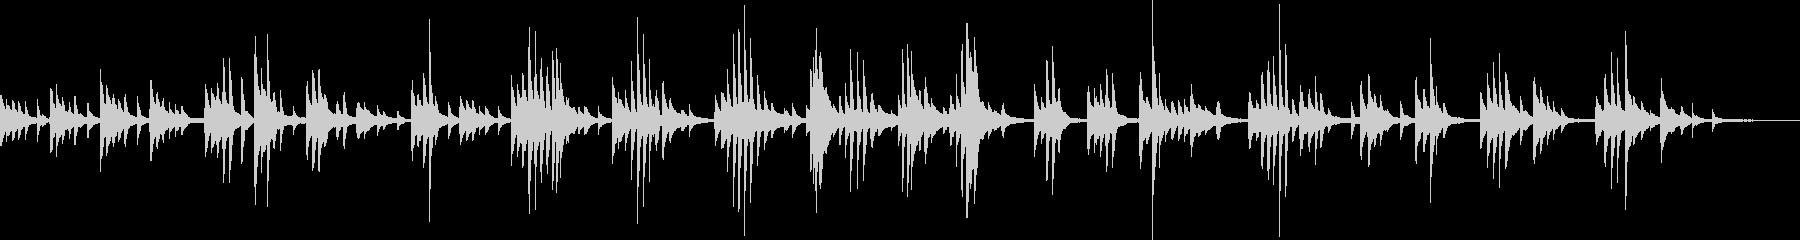 和風の切ないピアノBGM(幻想的・儚い)の未再生の波形